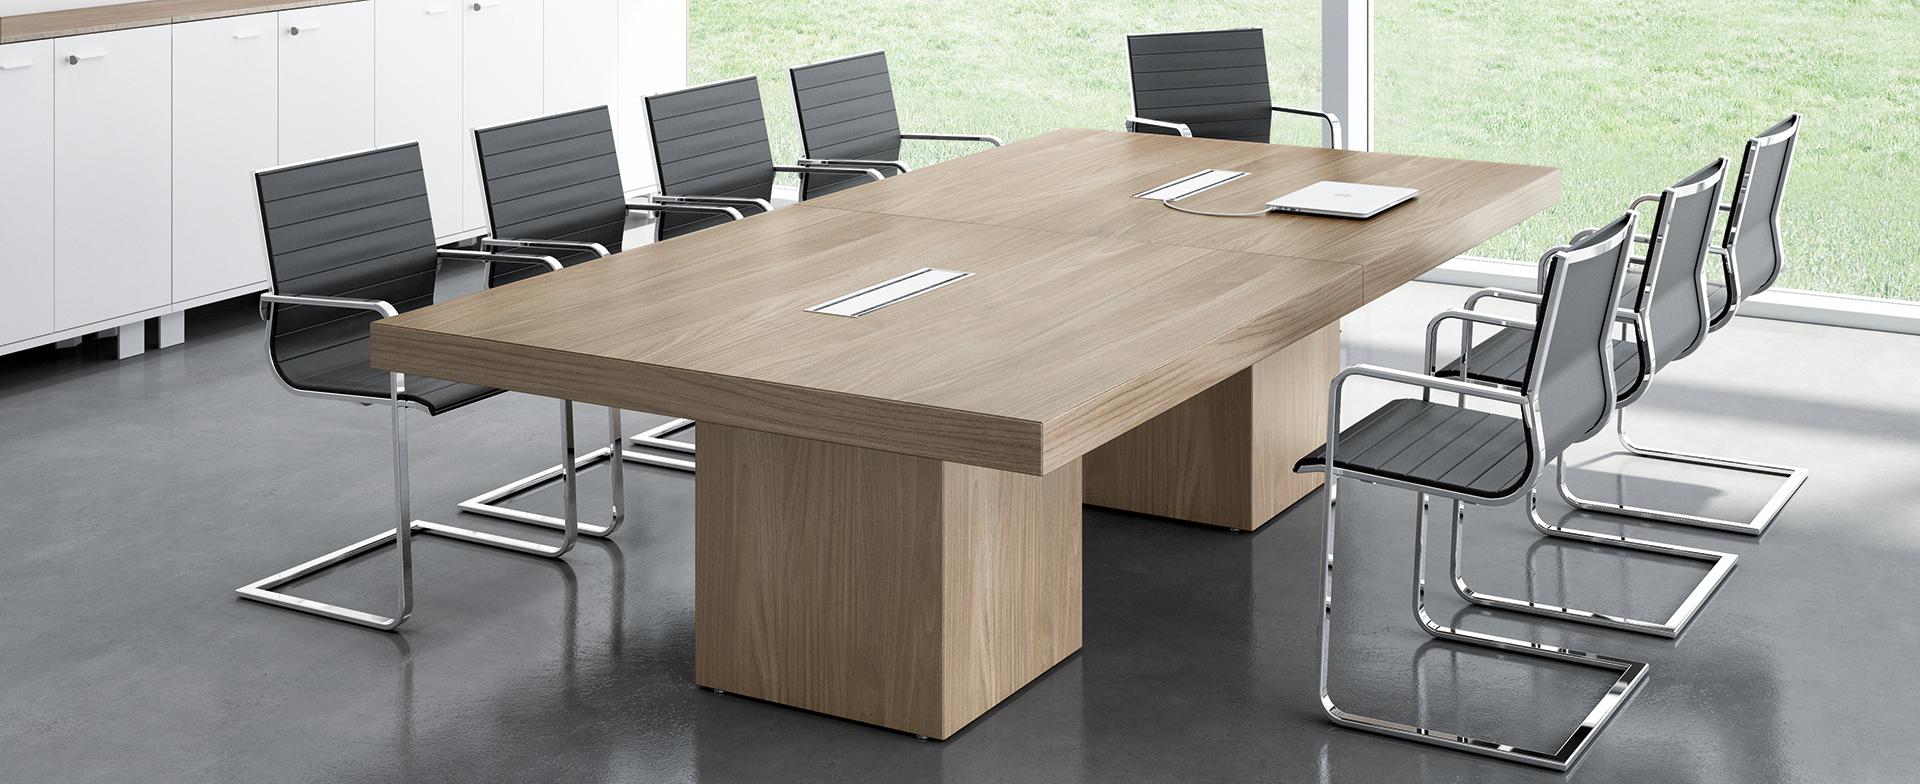 Assortiment vergaderen A tot Z kantoormeubilair